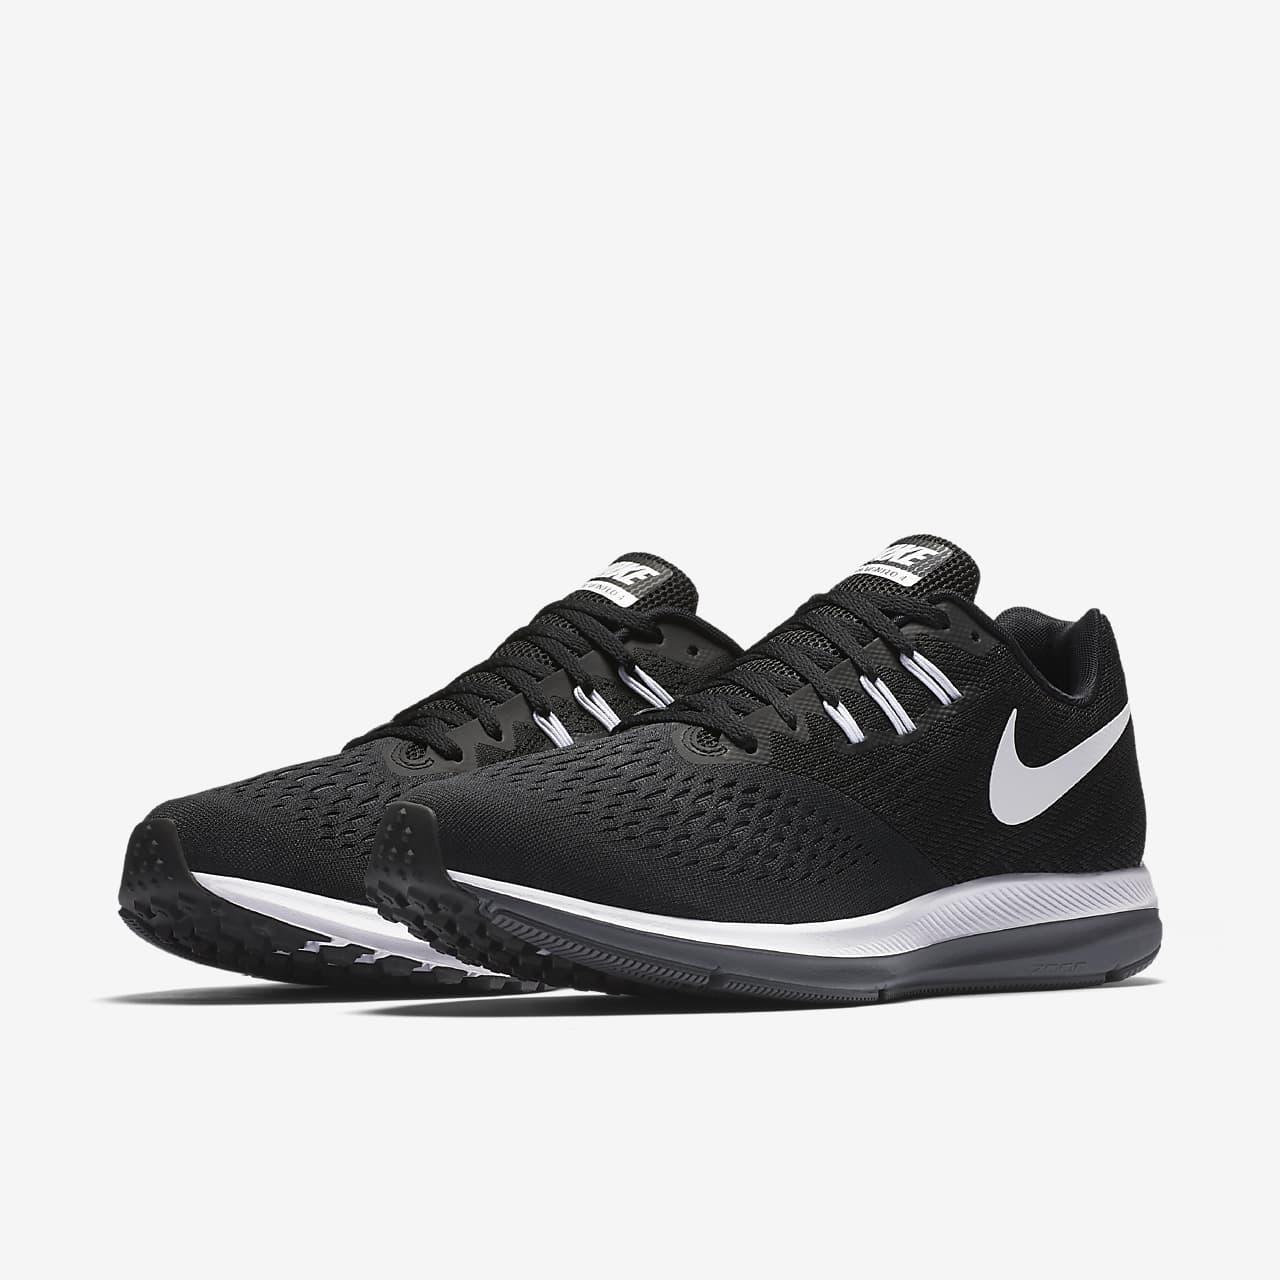 Responder postura huevo  Nike Zoom Winflo 4 Men's Running Shoe. Nike ID